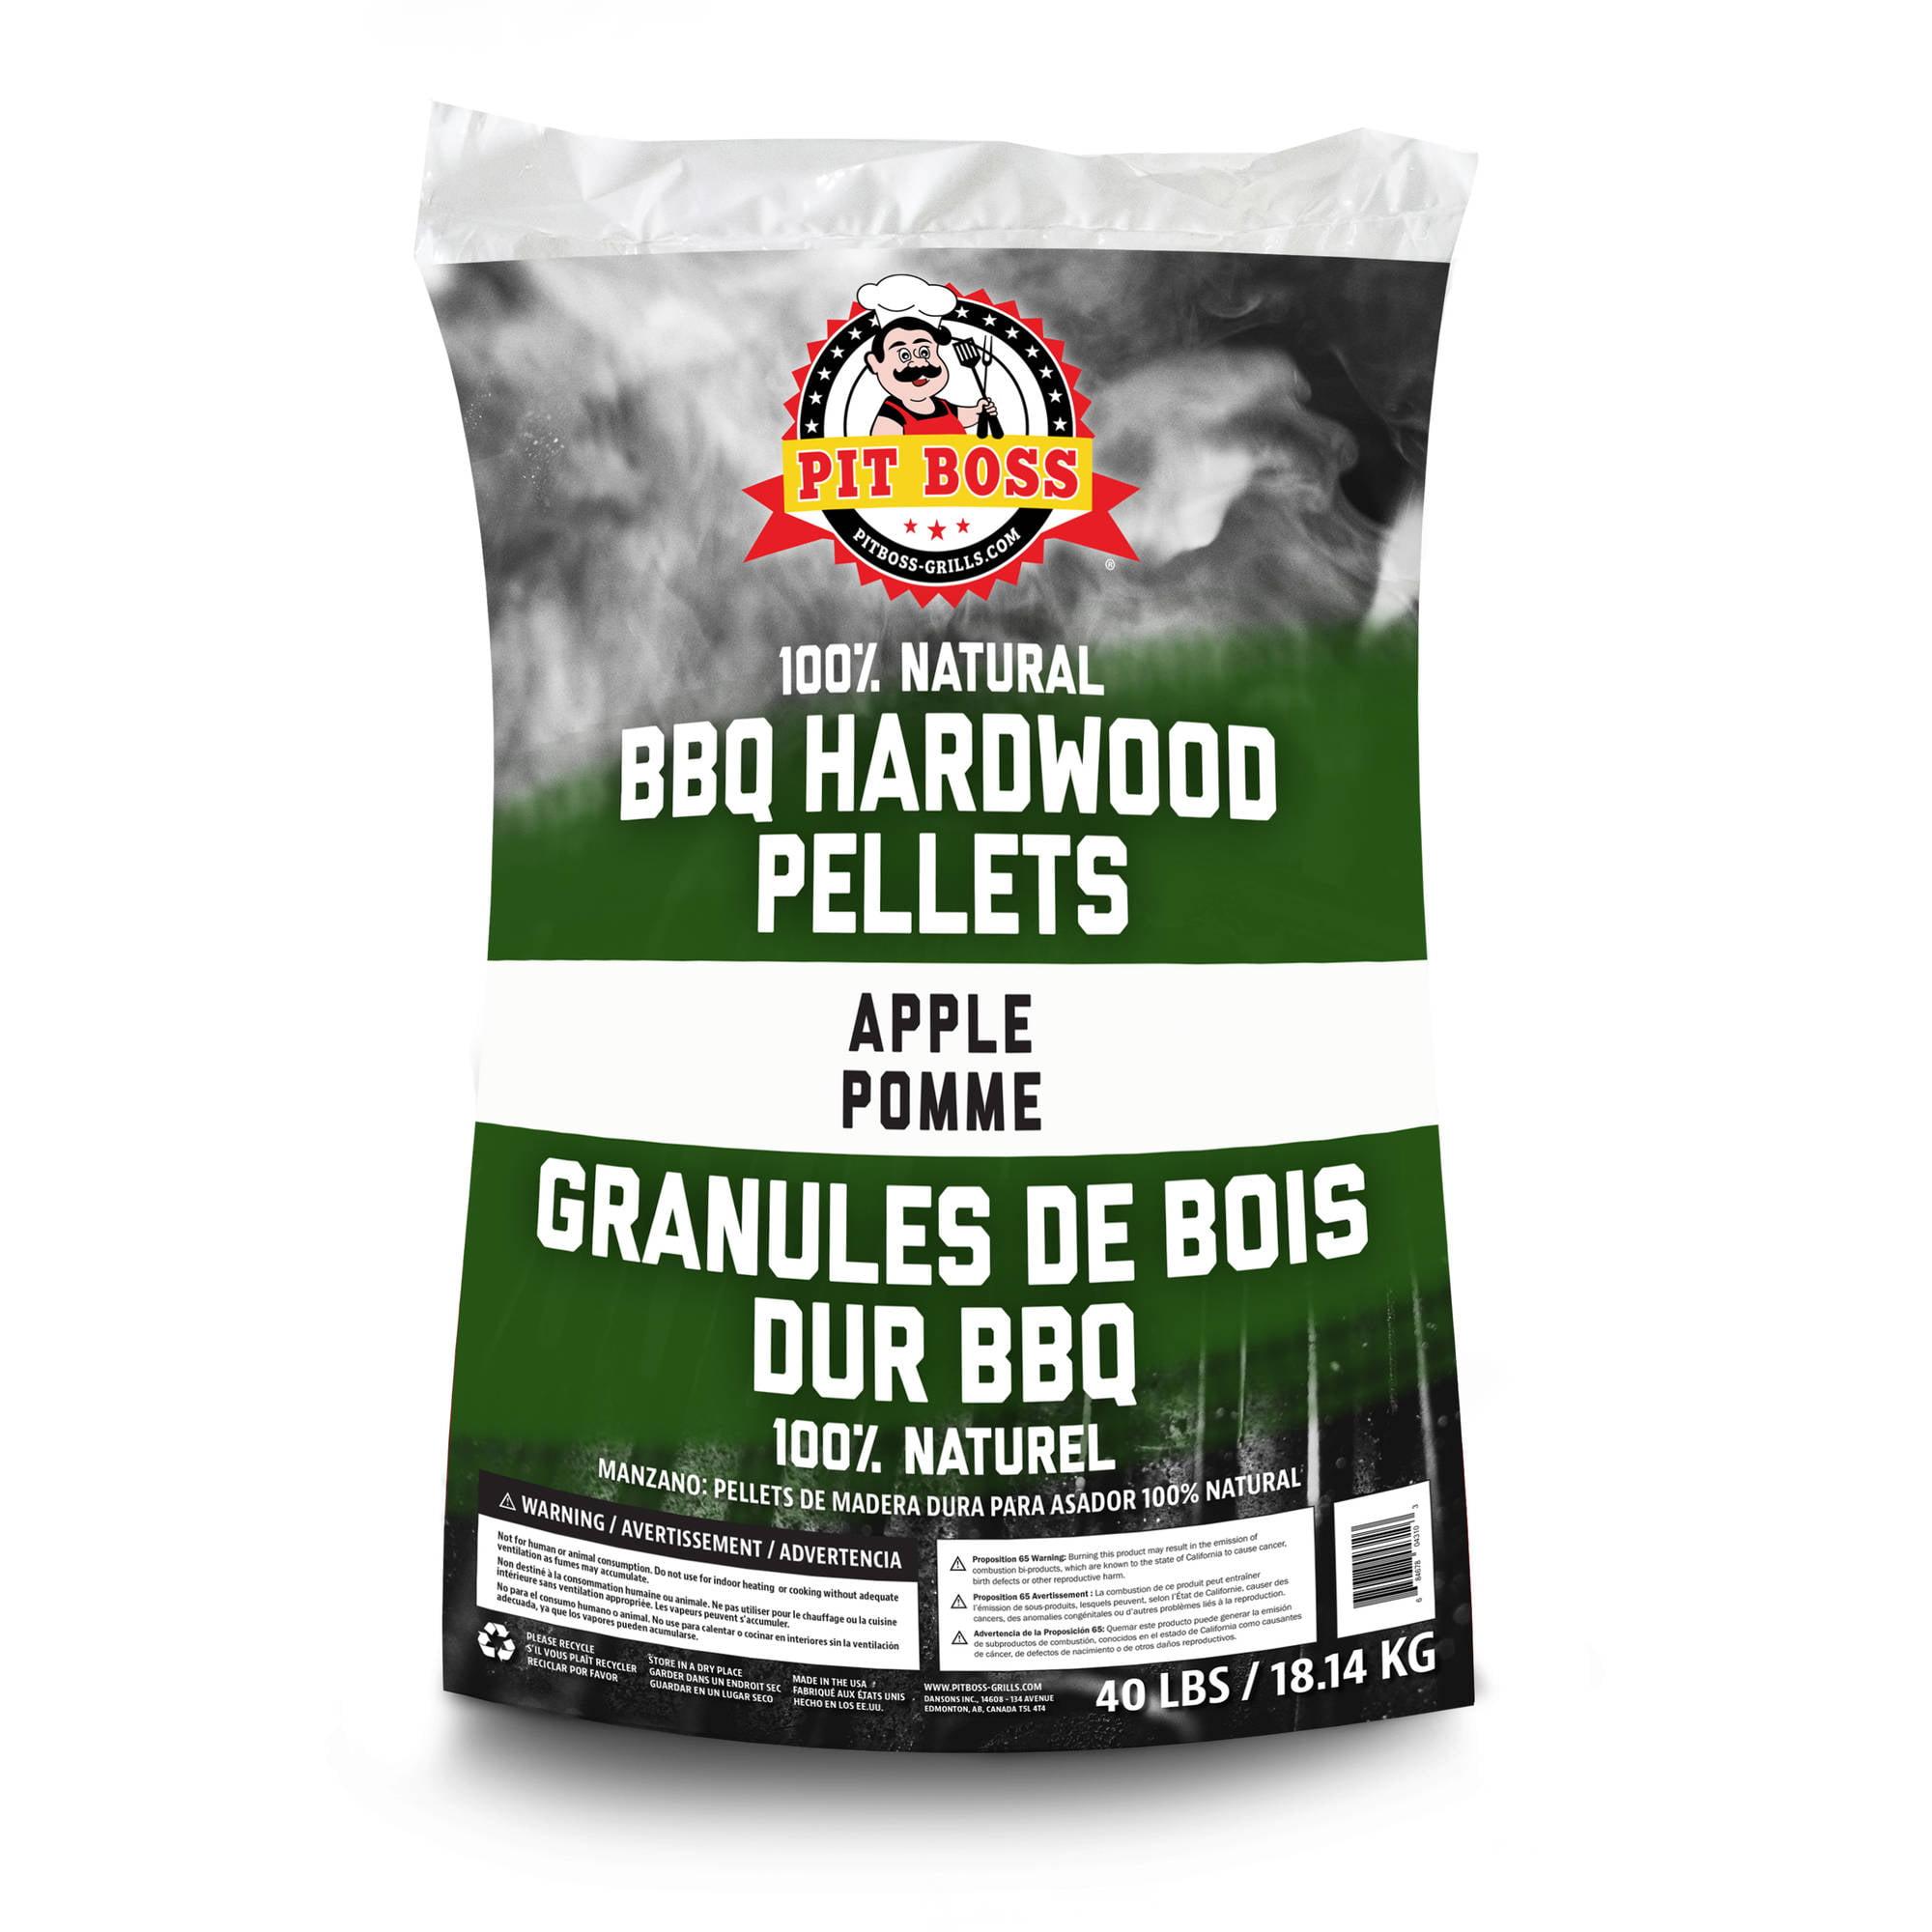 Pit Boss BBQ Wood Pellets, Apple, 40 lbs